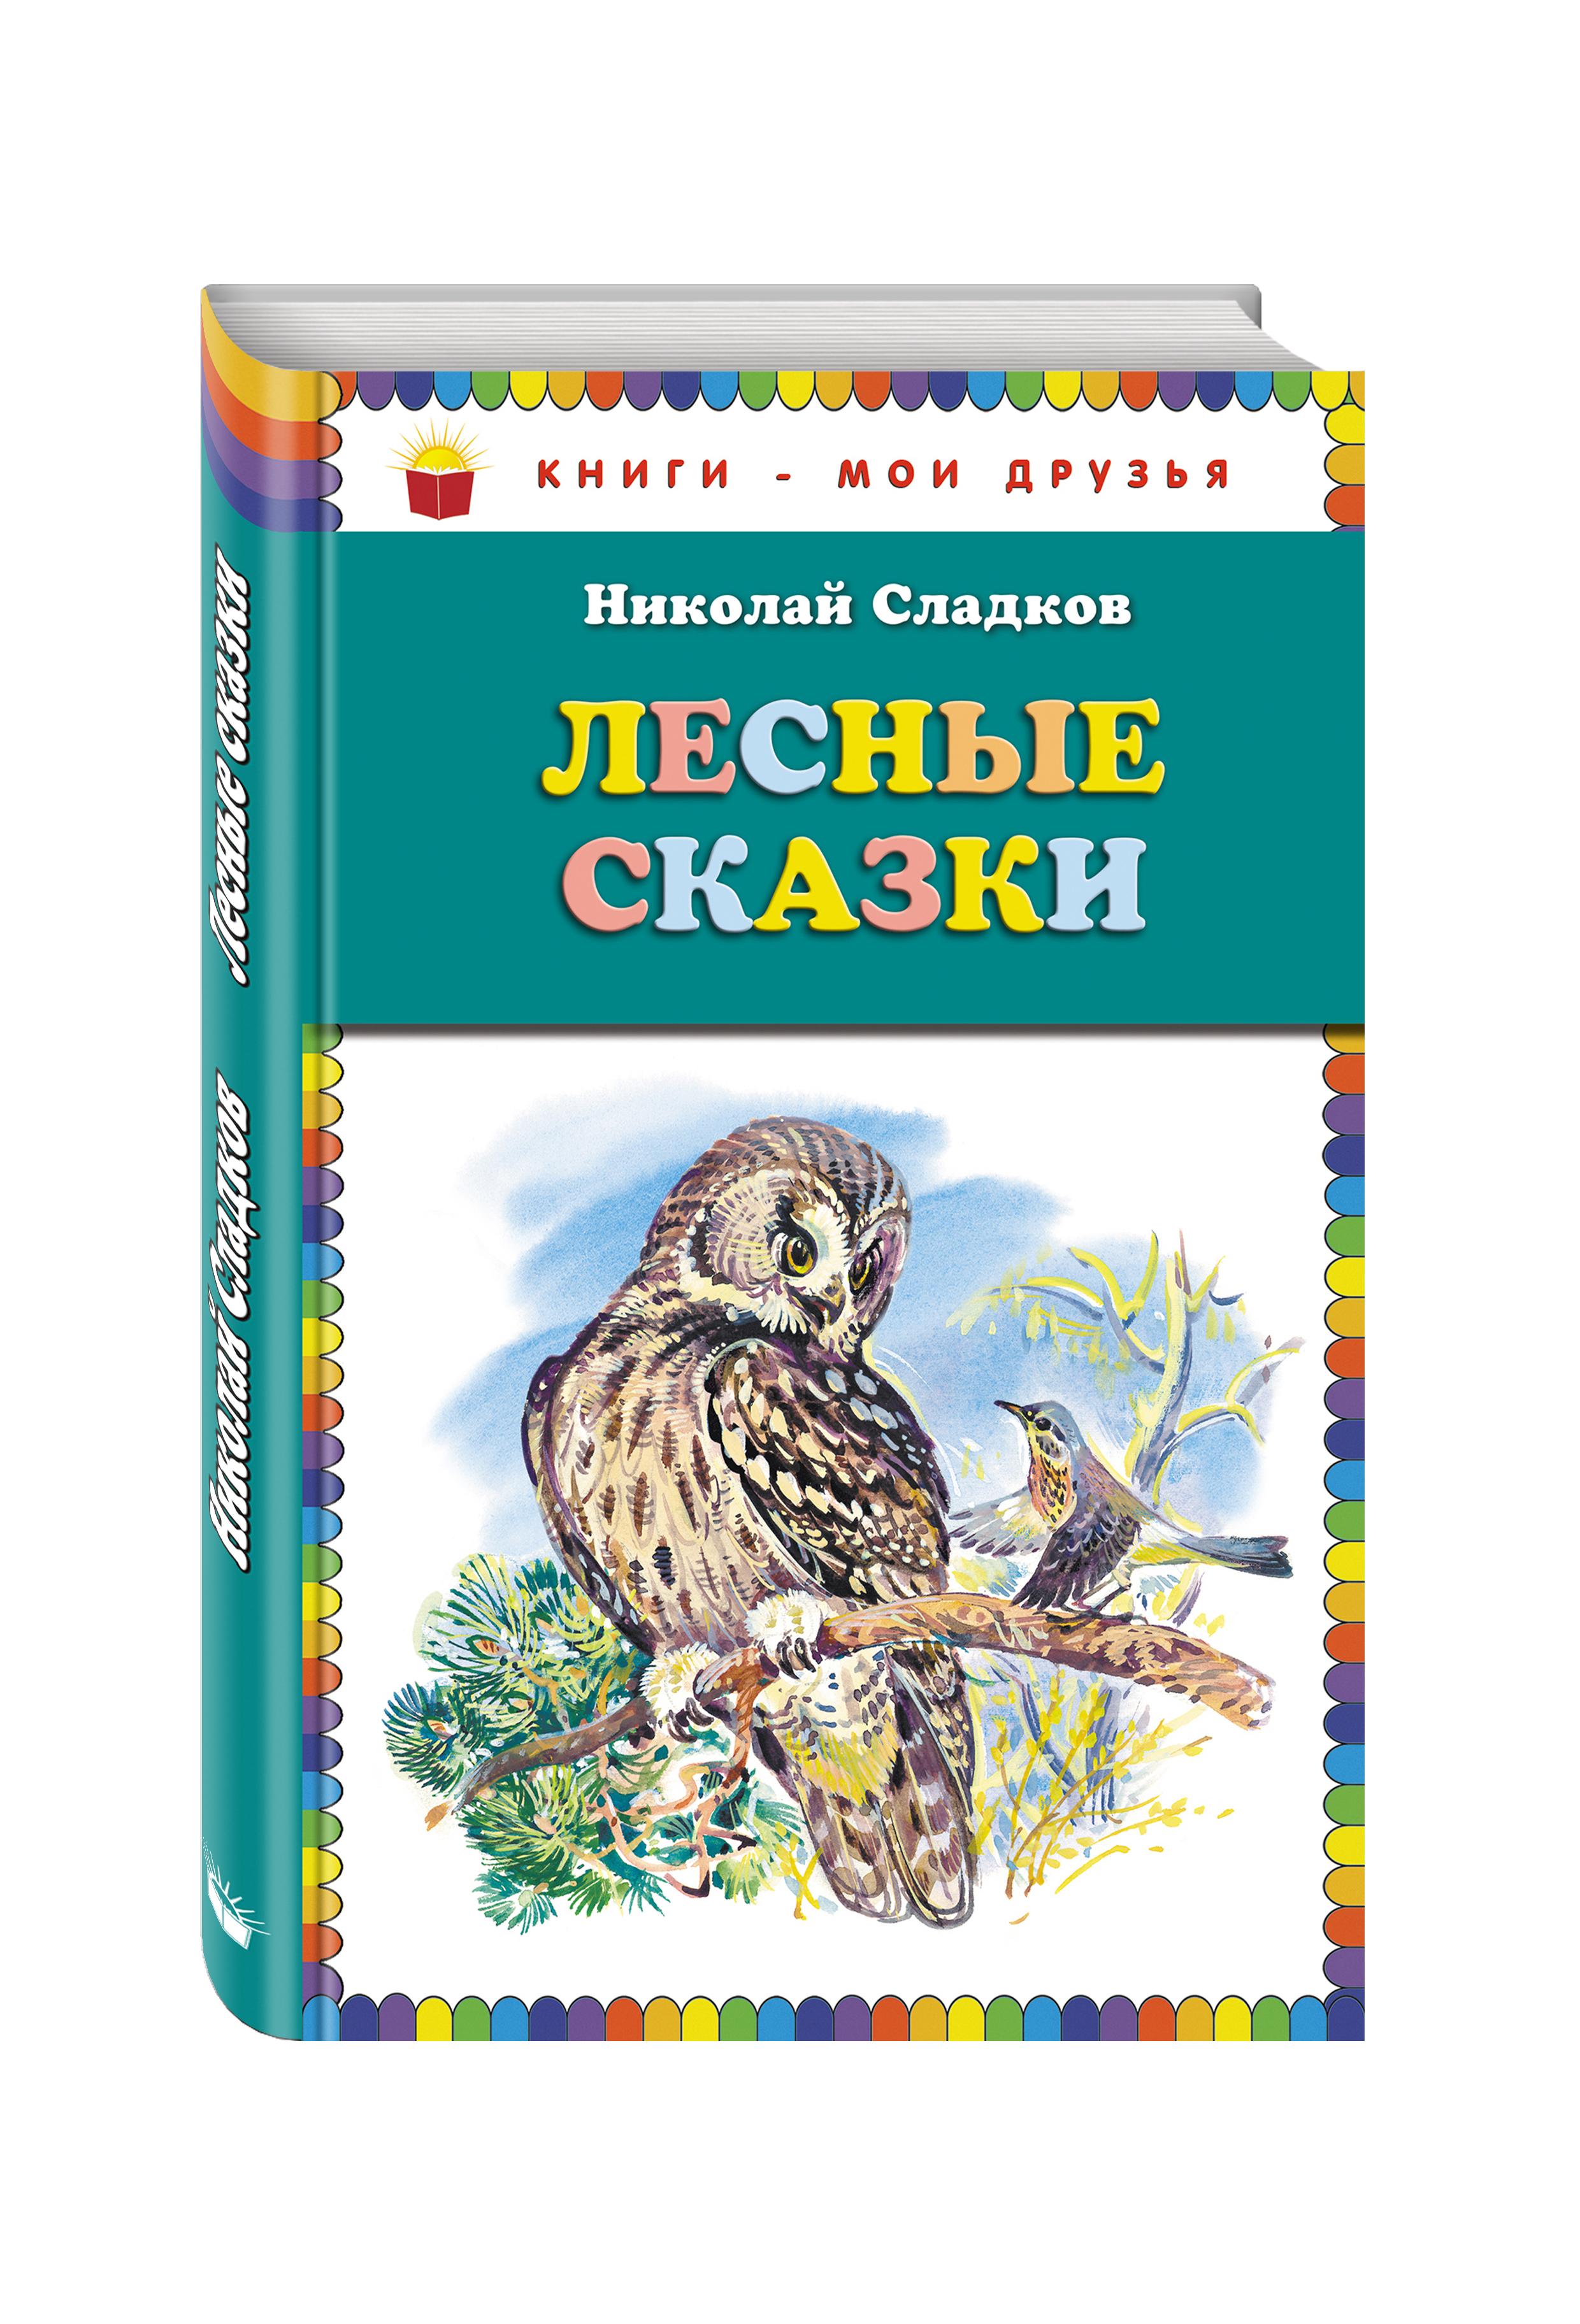 Николай Сладков Лесные сказки (ст. изд.) цена и фото